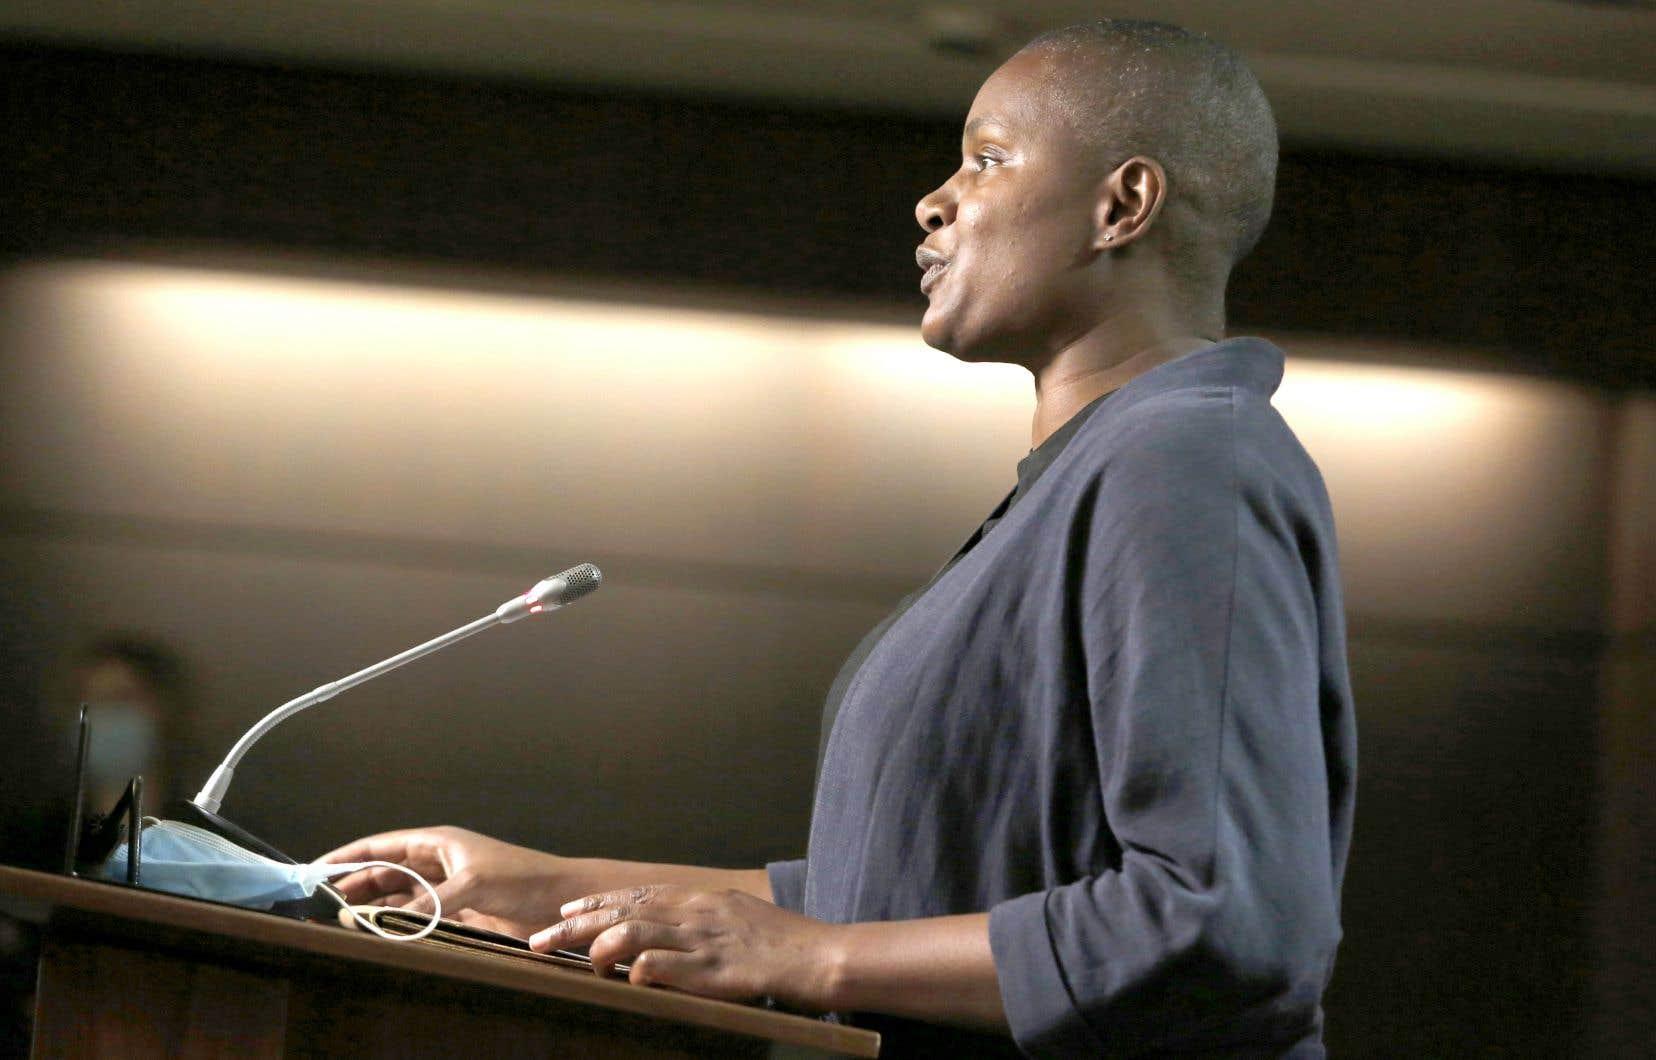 Annamie Paul a qualifié de «raciste et sexiste» la fronde «d'une minorité de conseillers» menée contre elle au sein de son parti.